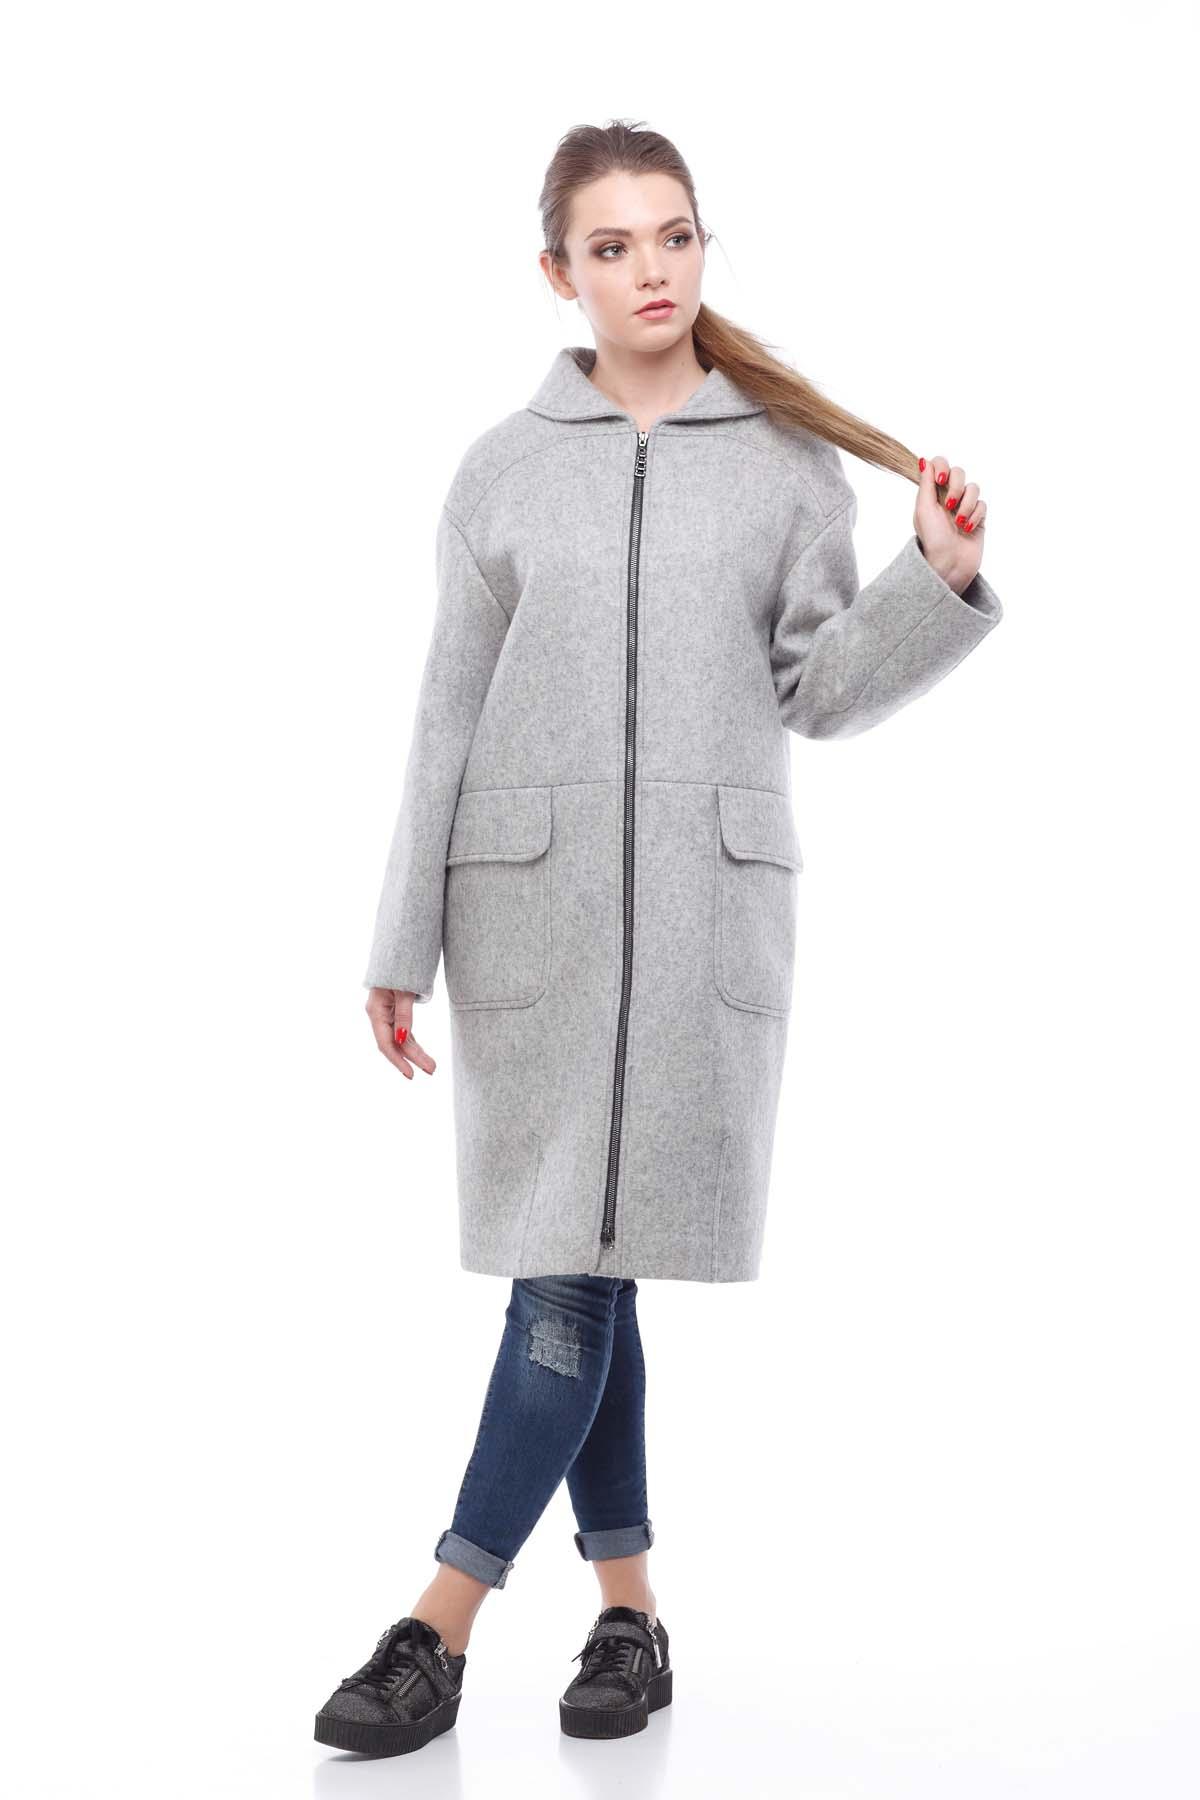 Пальто Аллегра, шерсть Франция, светло-серый